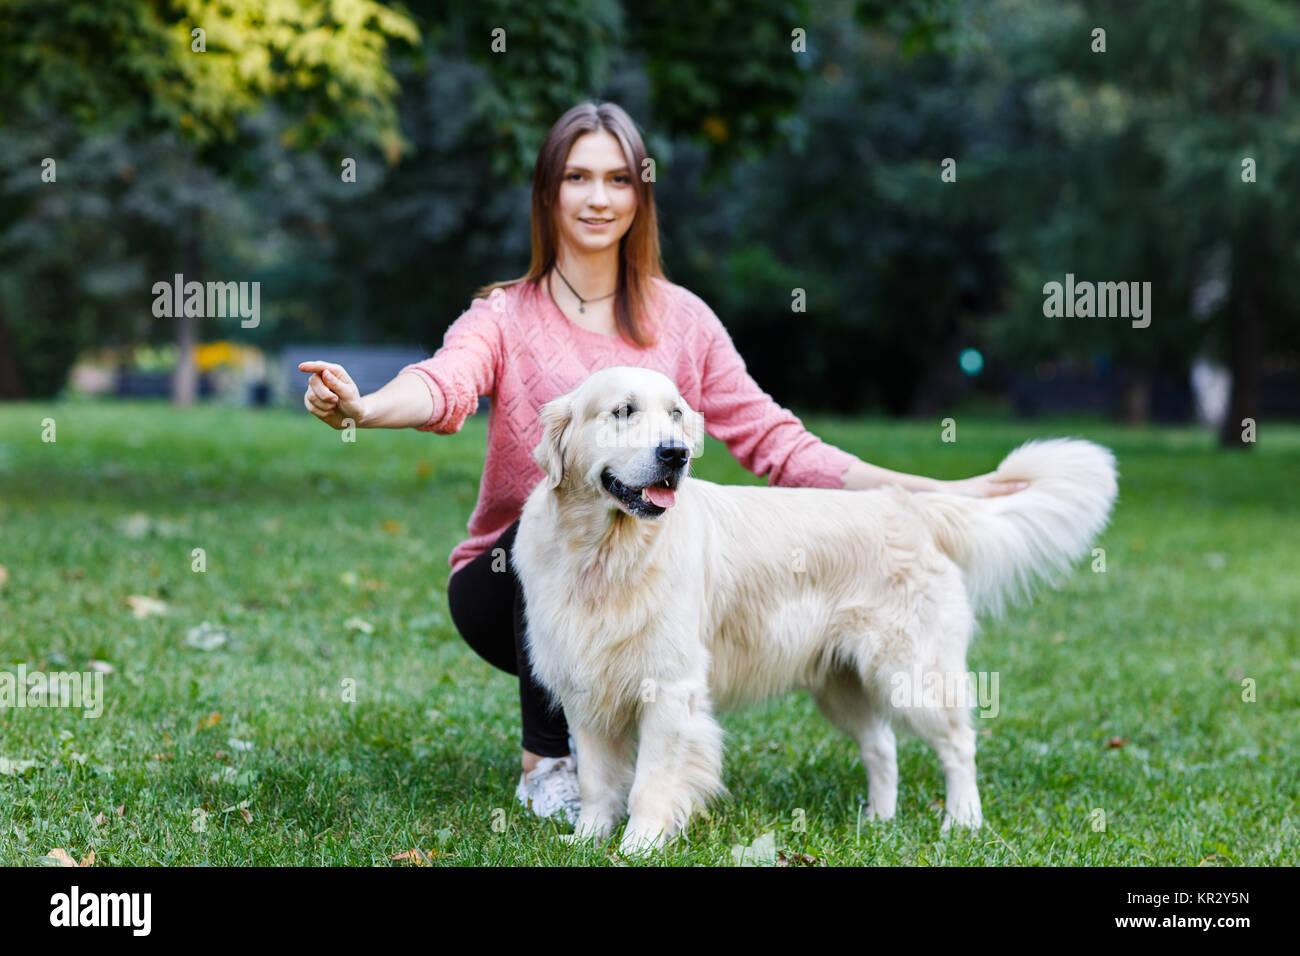 Imagen de morena con perro sobre césped Imagen De Stock